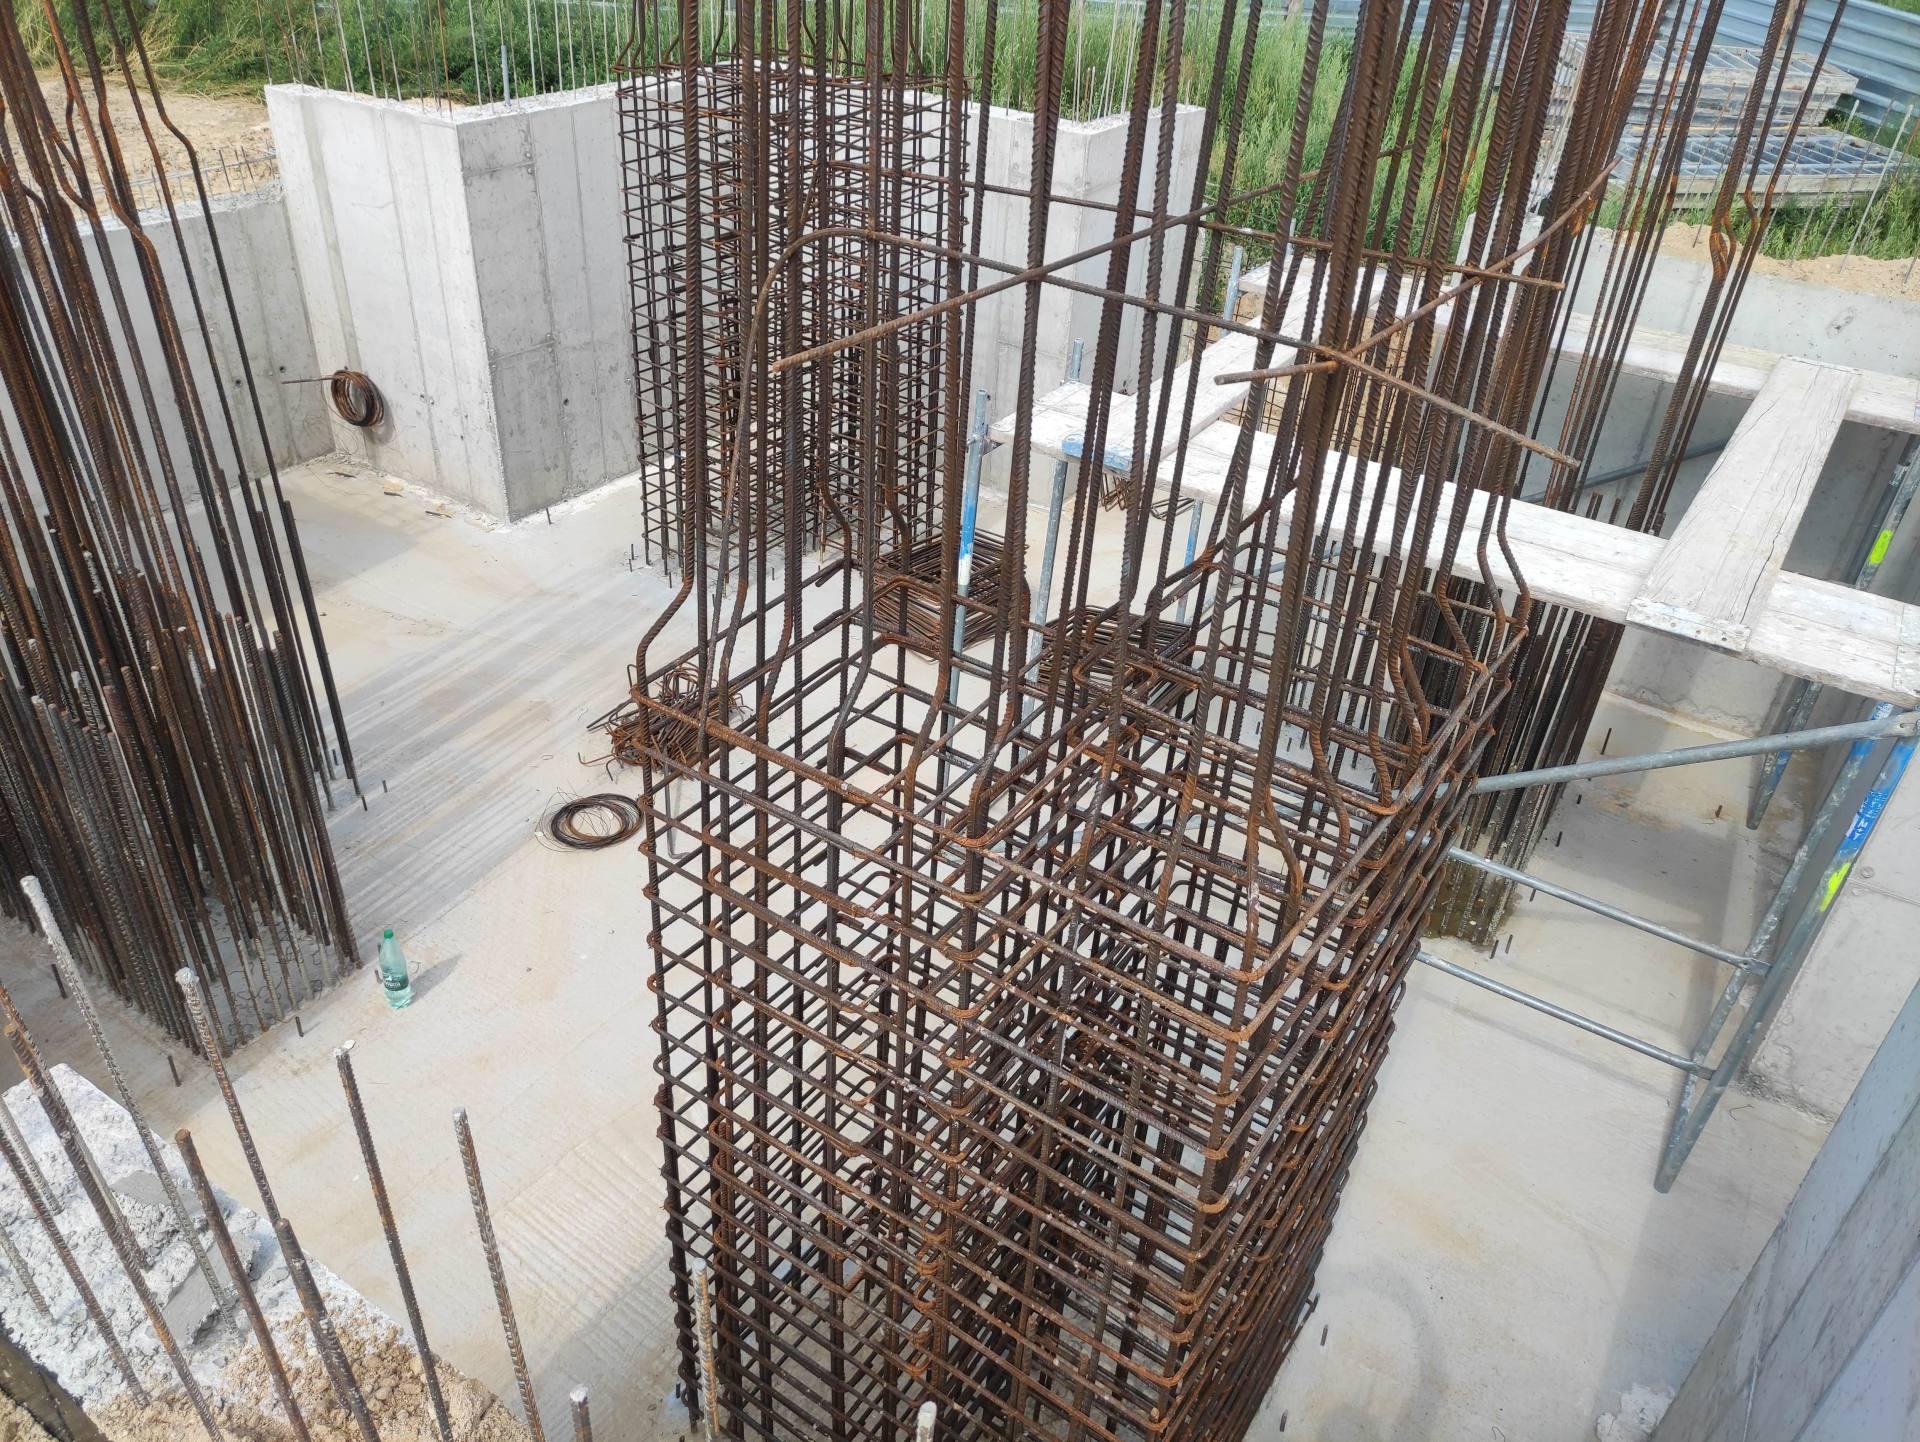 prace pomnik komarow 2 Zbliża się 101. rocznica Bitwy pod Komarowem. Jak postepują prace przy budowie pomnika bitwy?